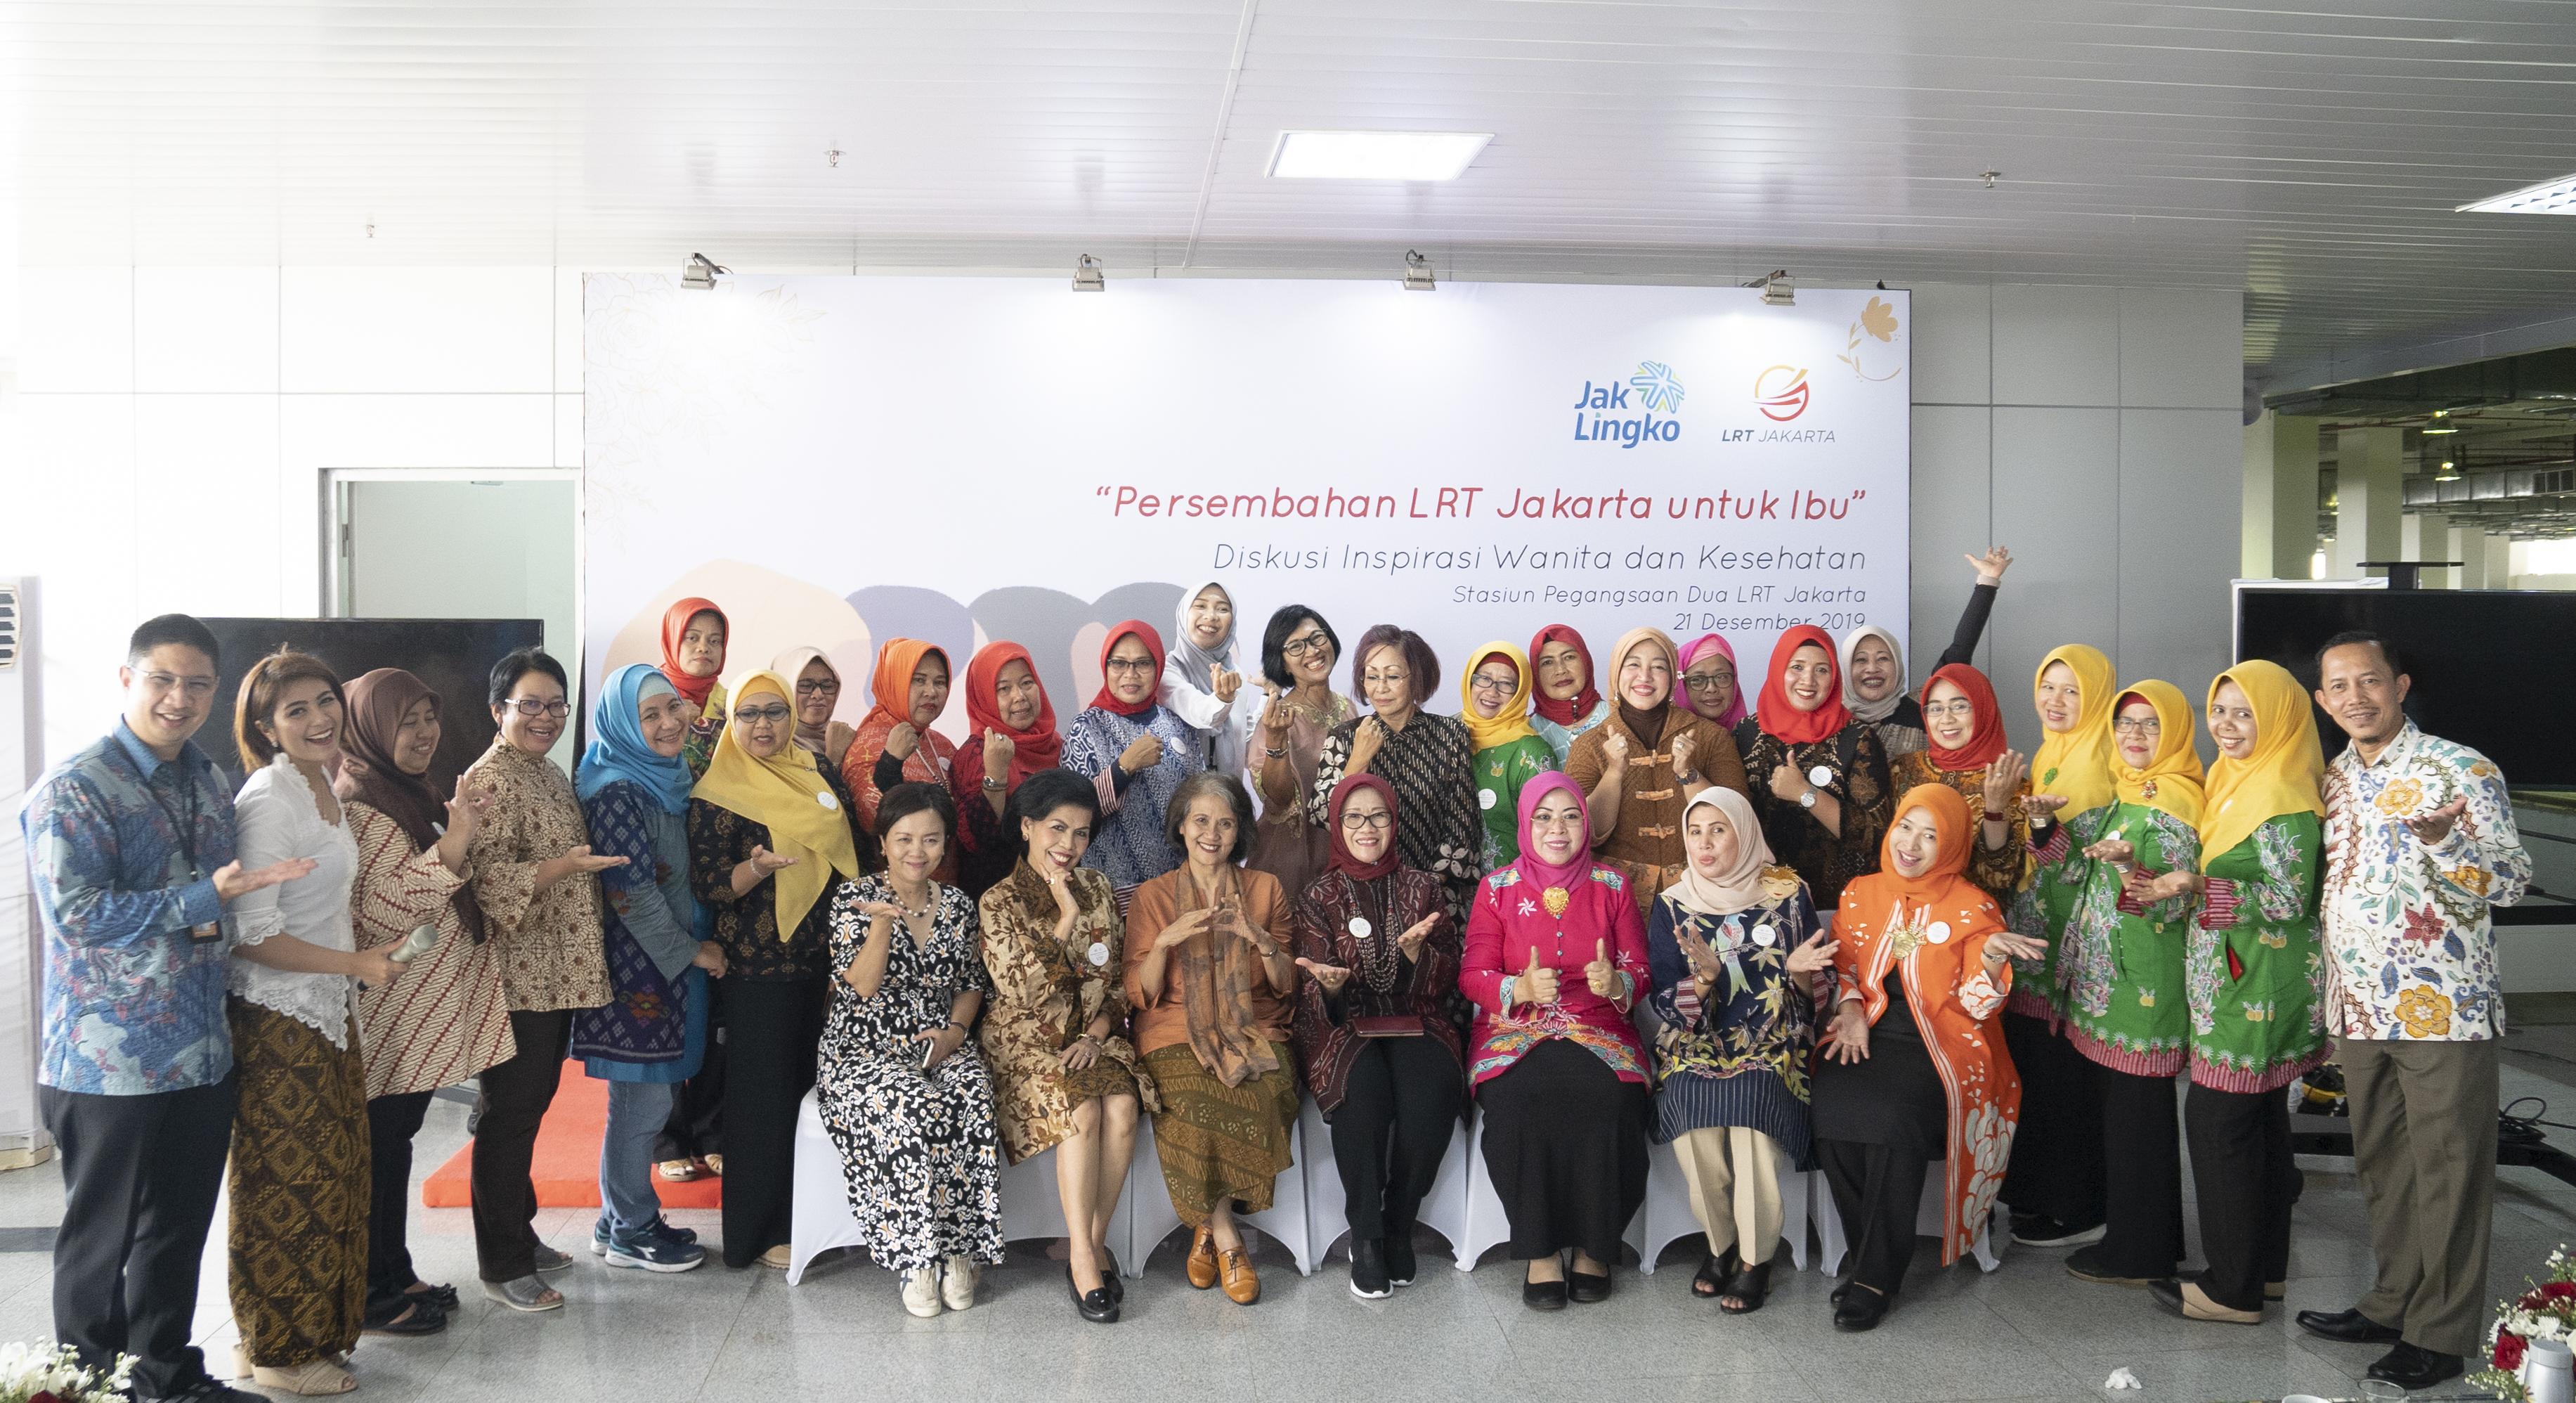 Persembahan LRT Jakarta Untuk Ibu 21 Desember 2019